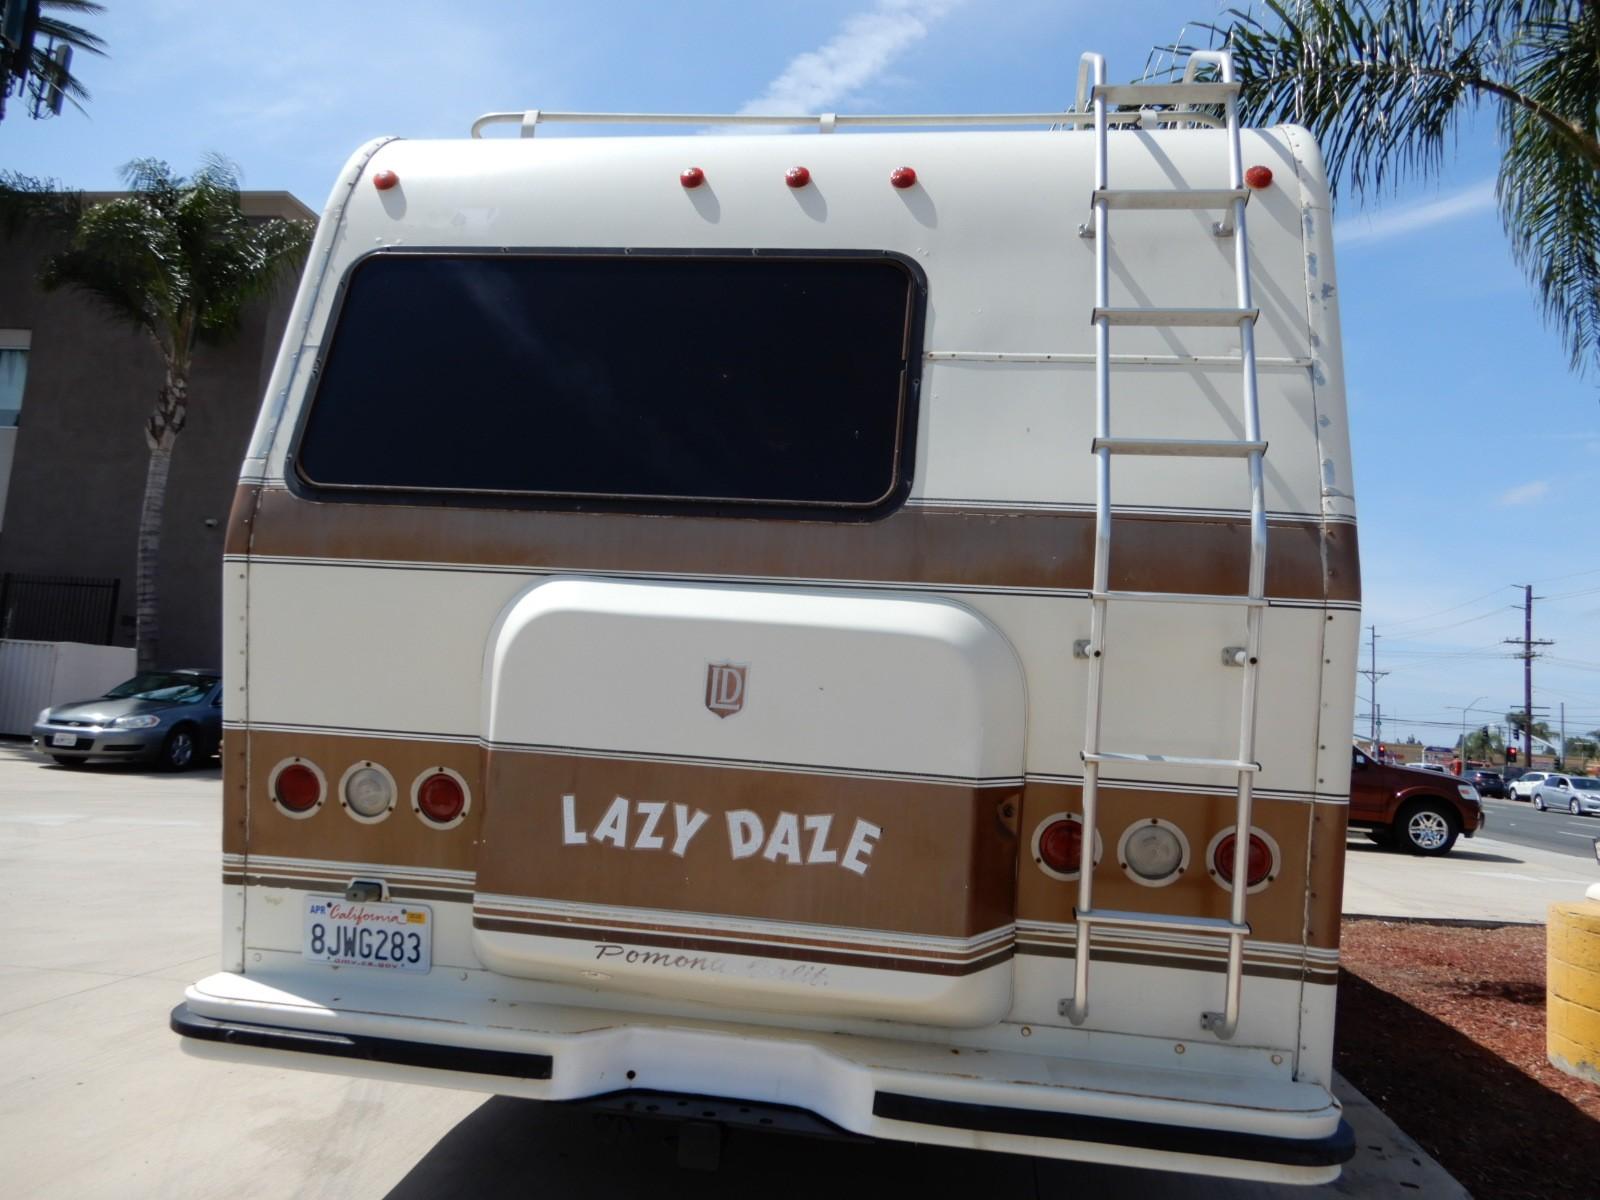 Used 1989 Lazy Daze 26 RB in Stanton, CA